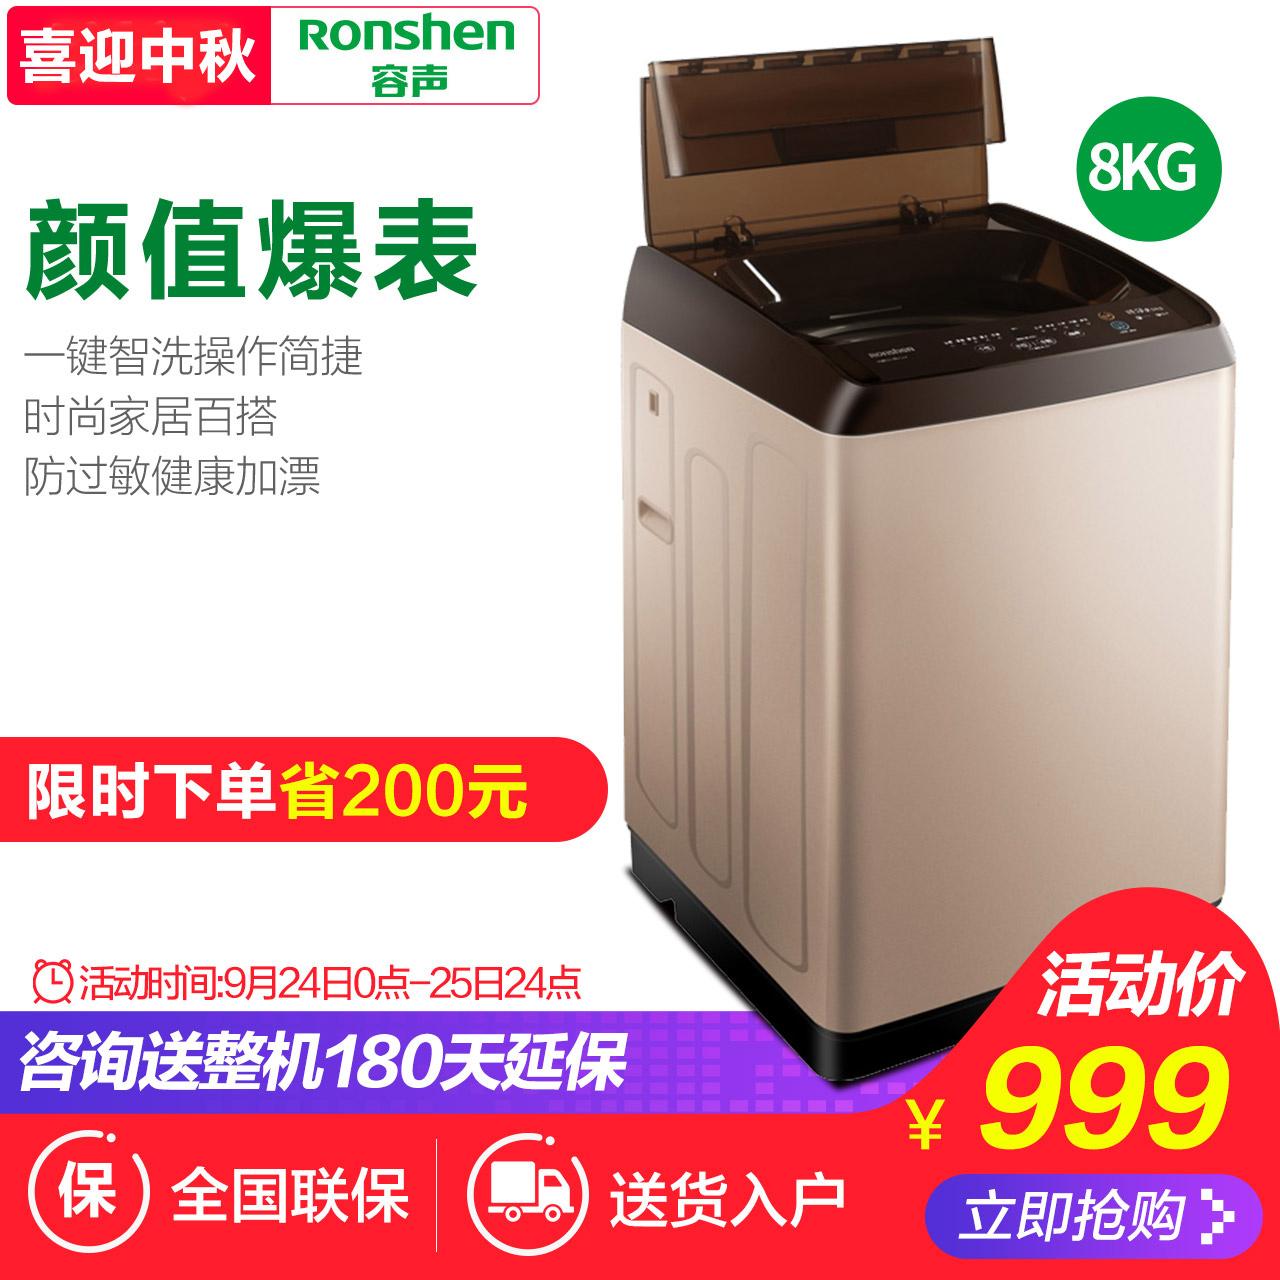 Ronshen-容声RB80D2355G 8公斤波轮家用全自动洗衣机